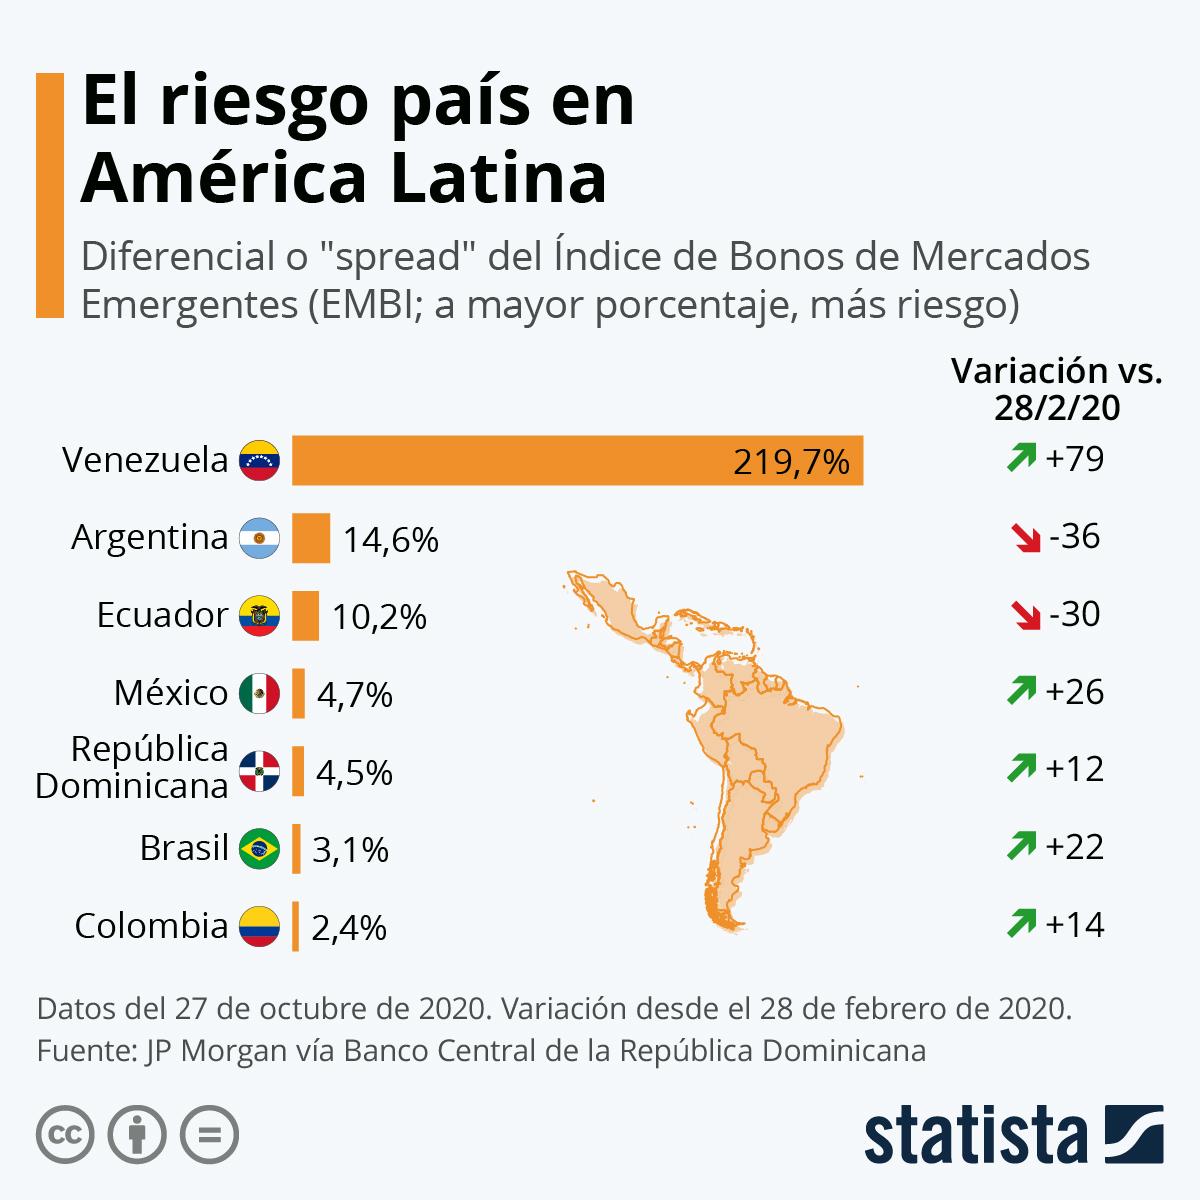 Infografía: Venezuela, la economía latinoamericana con el mayor